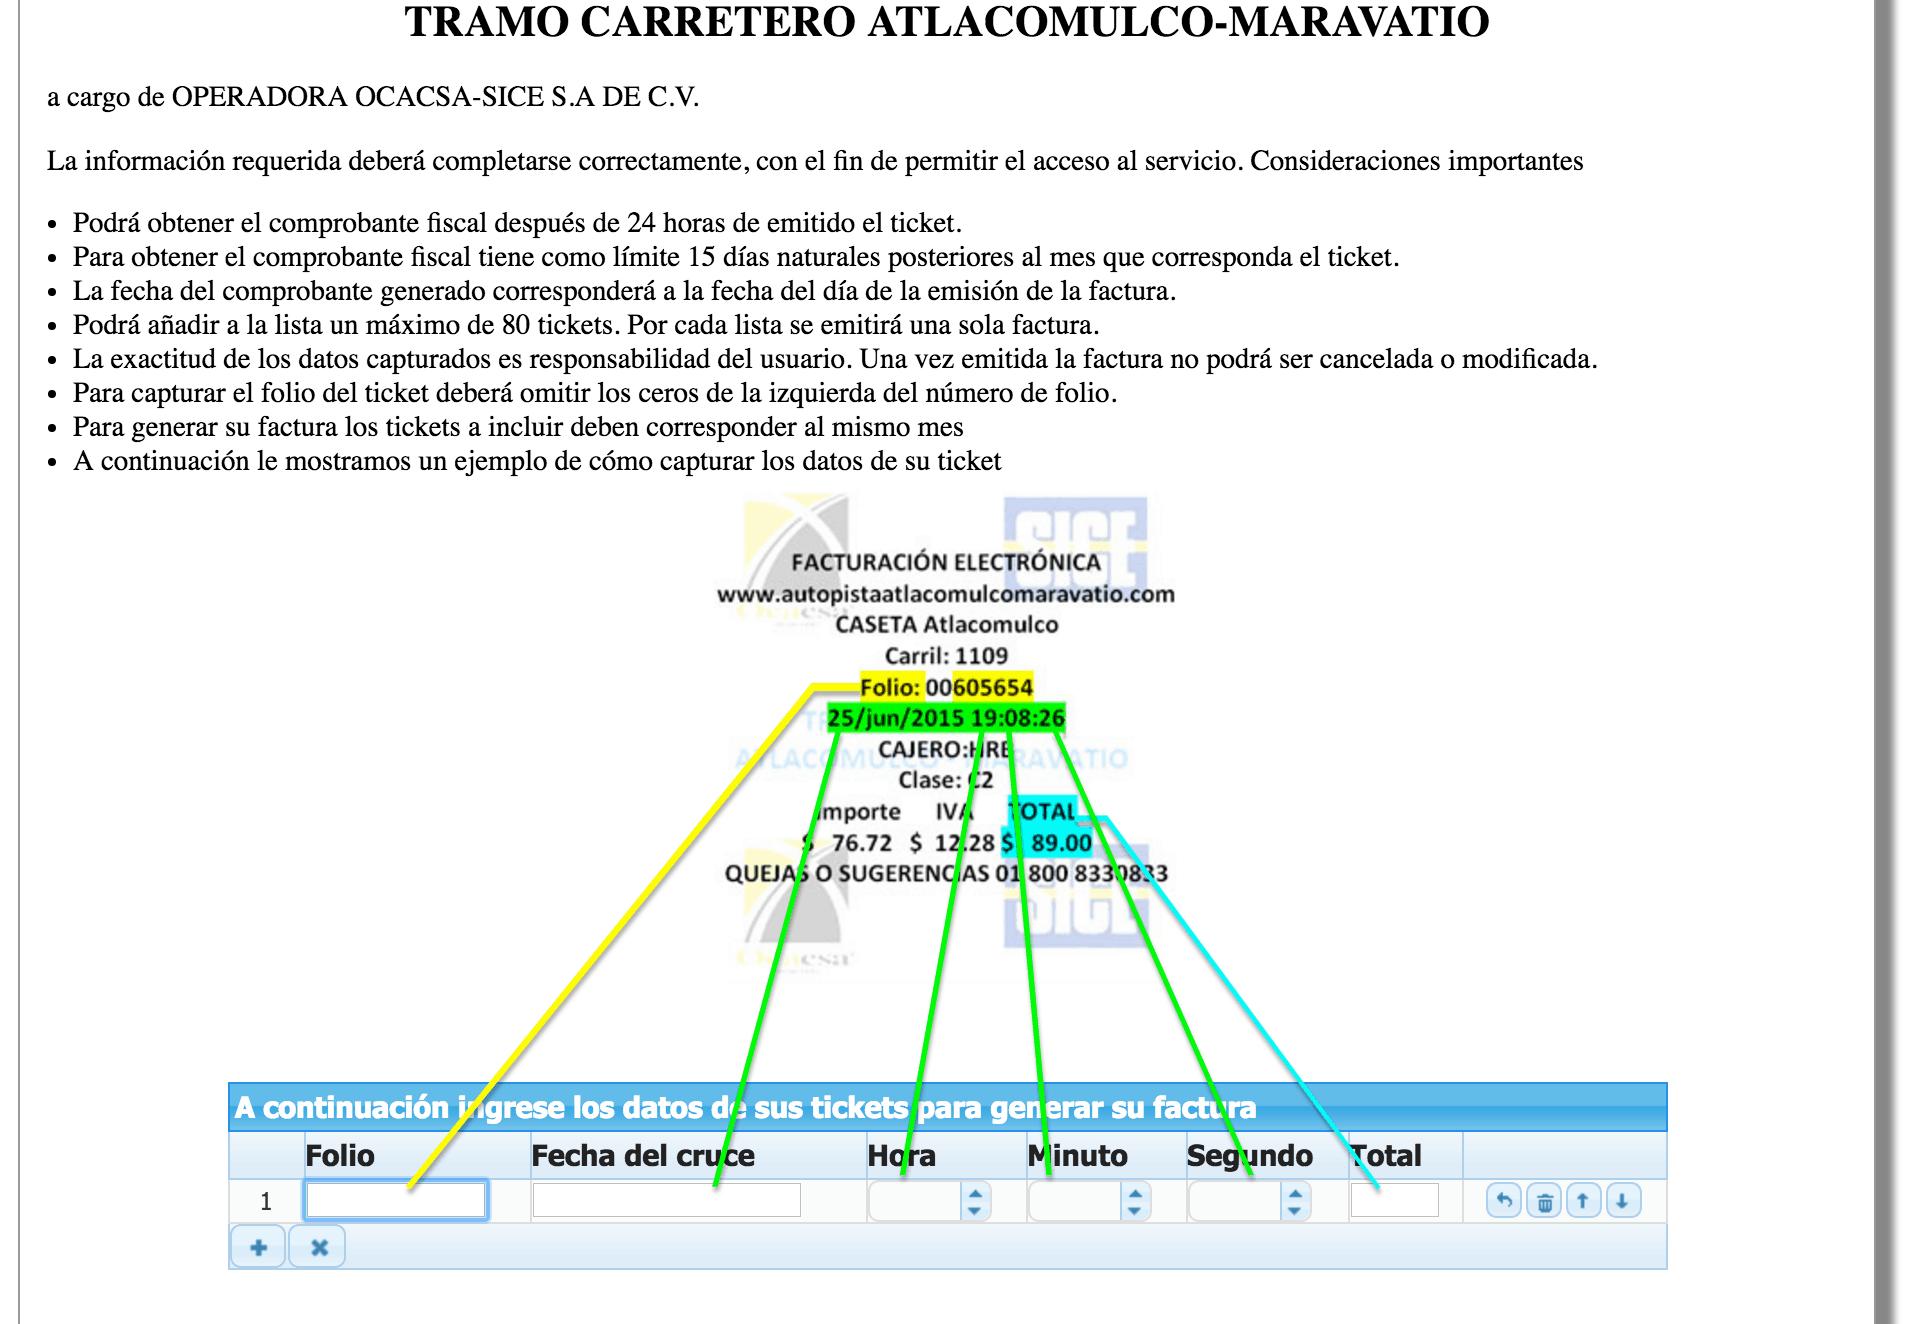 Autopista Atlacomulco – Maravatío  Paso 1 – Capture los datos de su ticket de peaje que requiere el sistema.